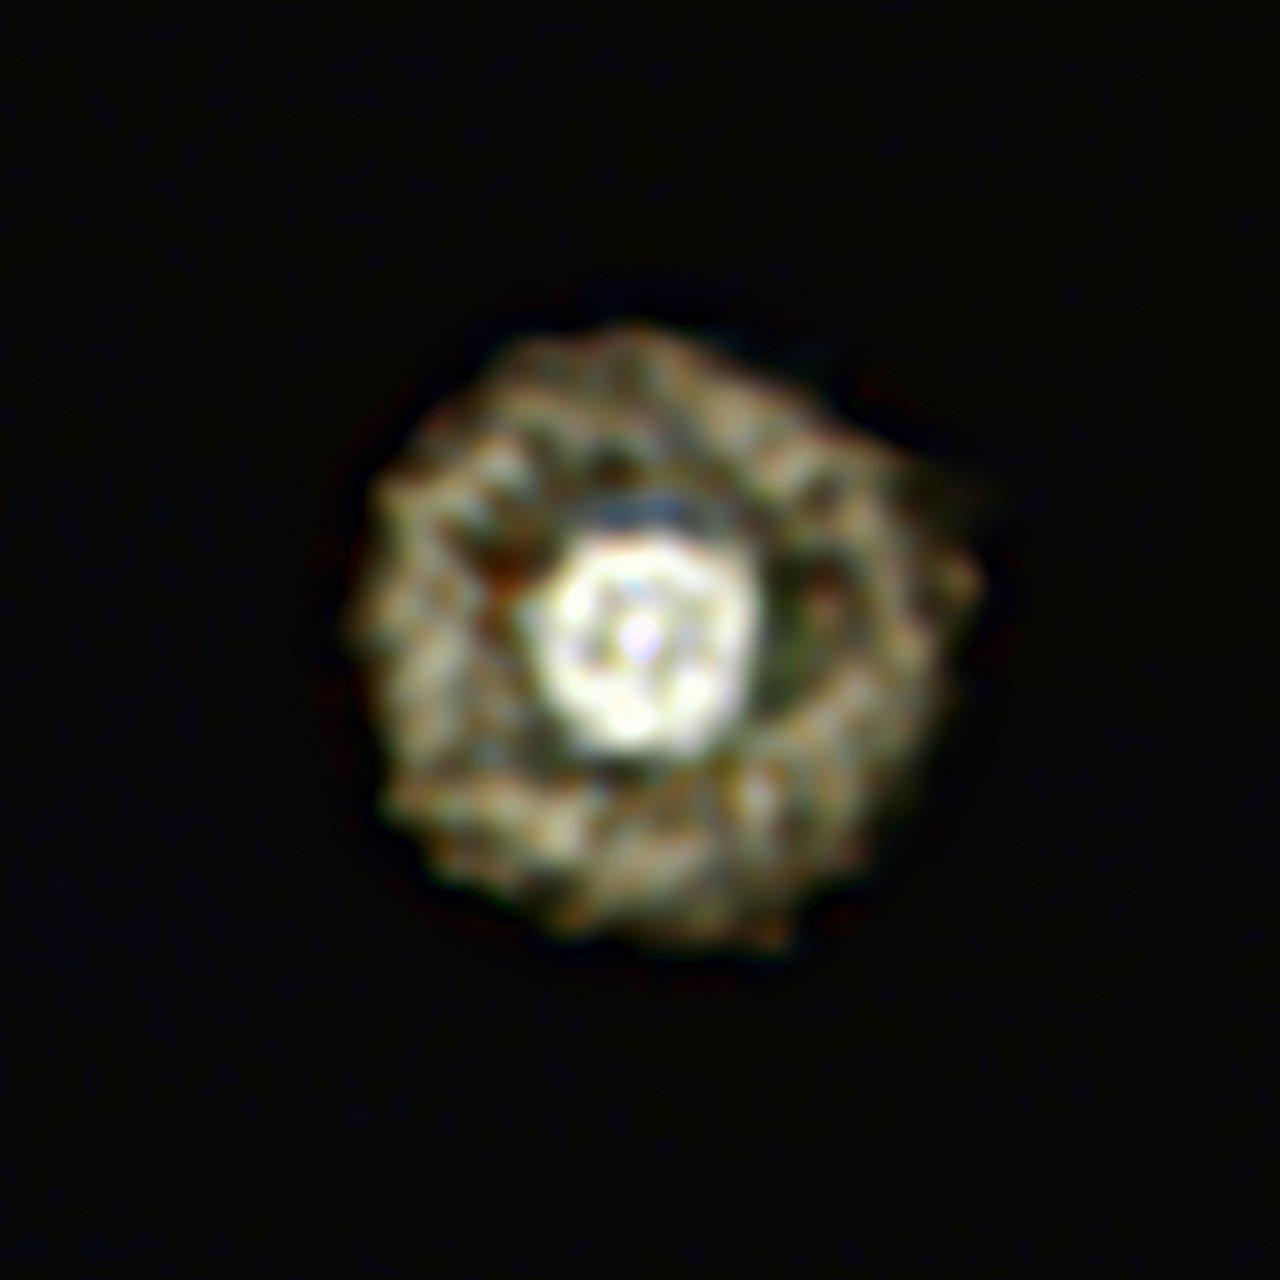 Nebulosa del Huevo Frito